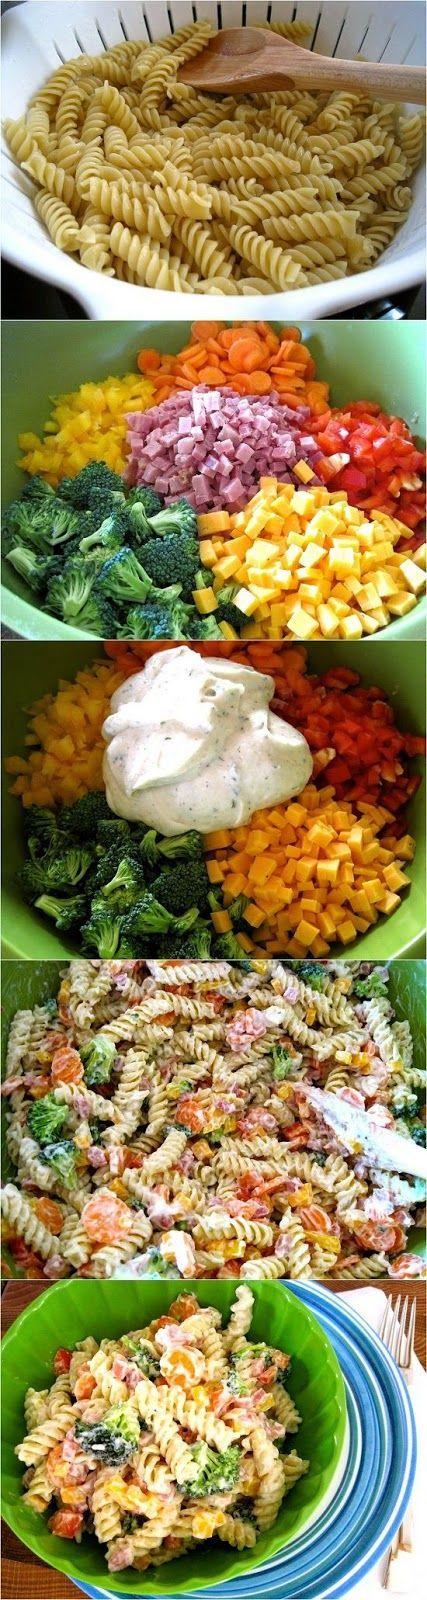 Comida saludable y baja en calorias facil de preparae y - Comidas sanas y bajas en calorias ...